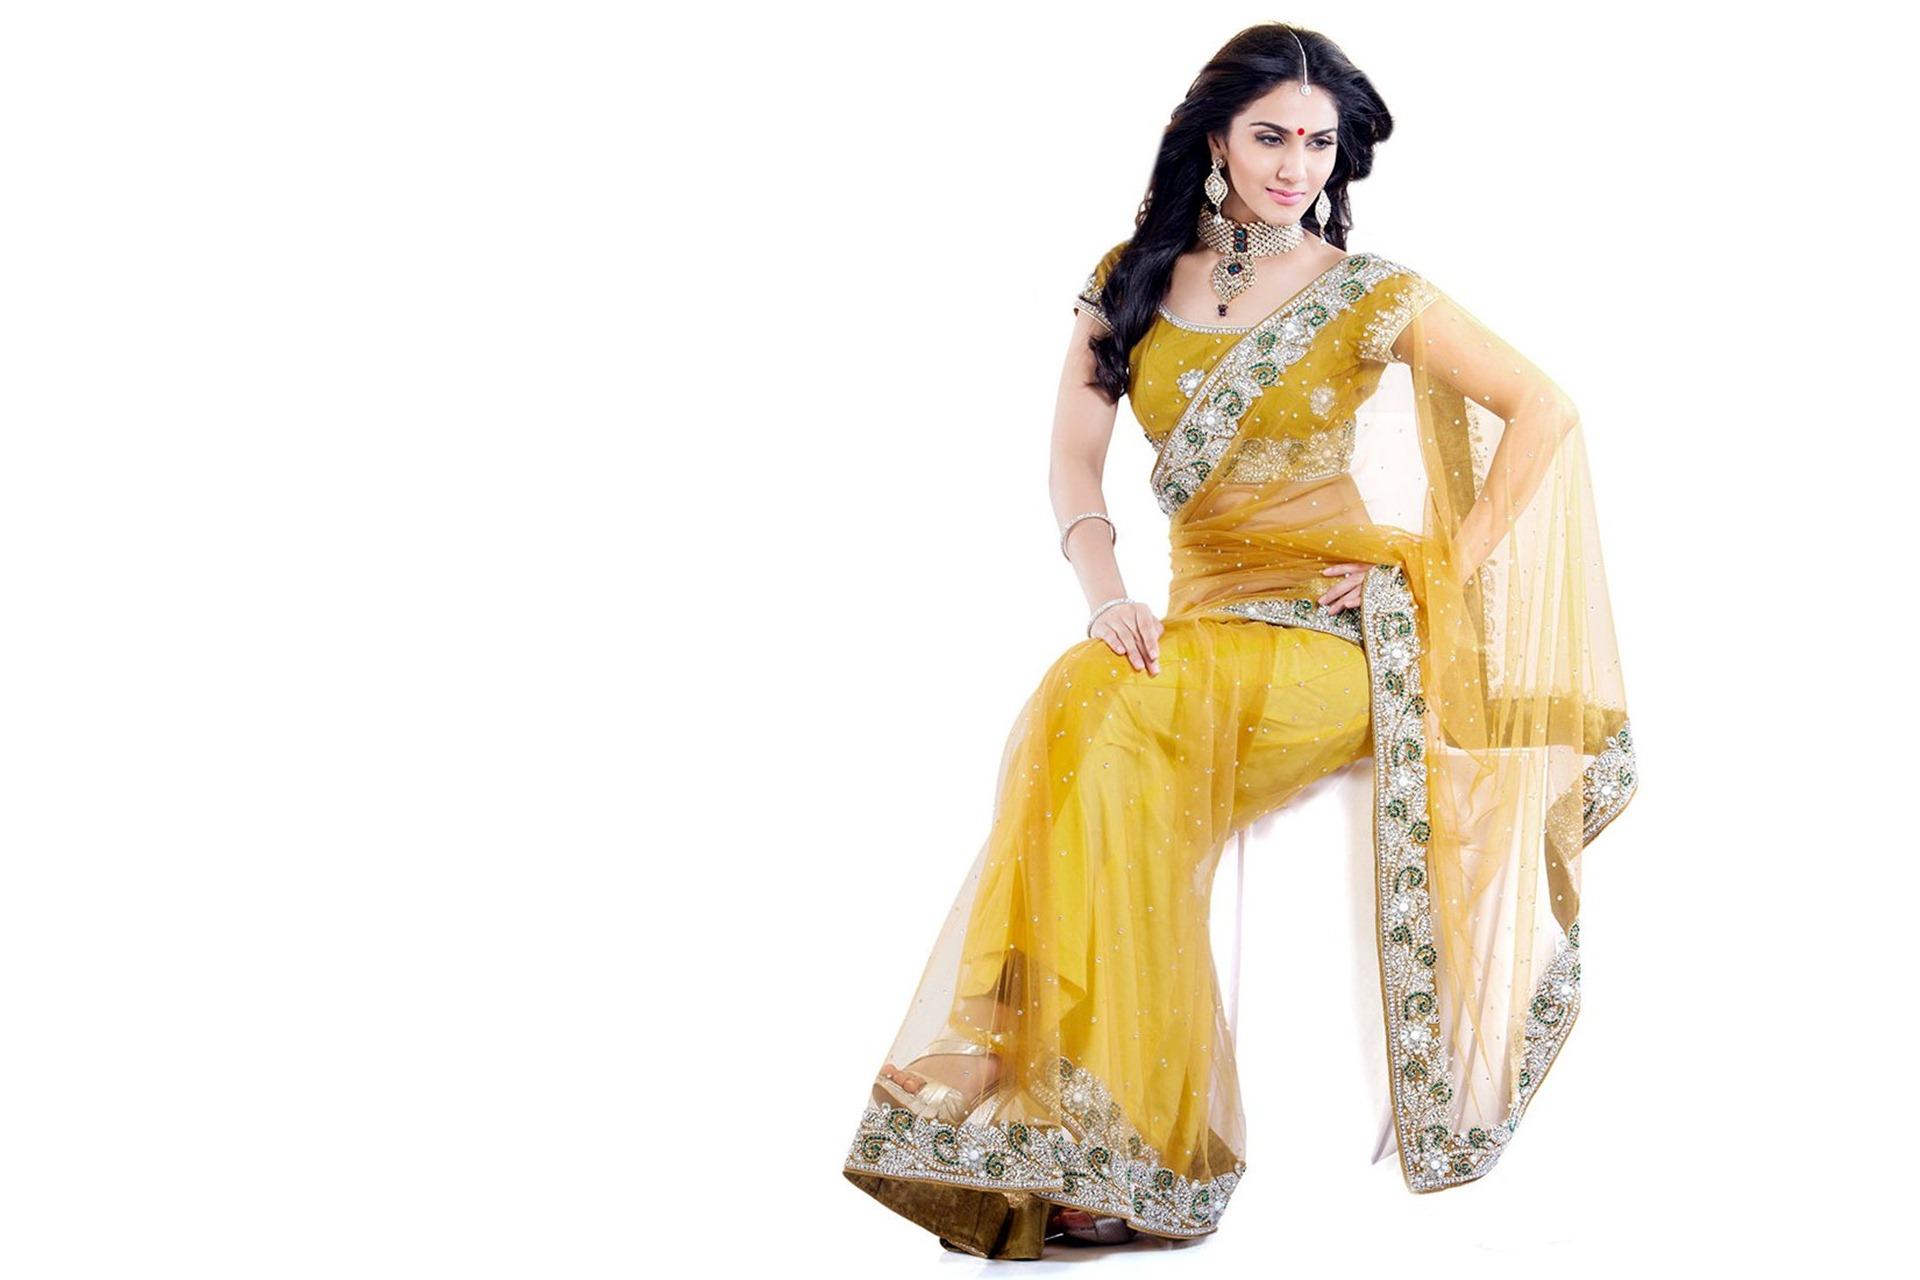 Vaani kapoor yellow saree wallpaper